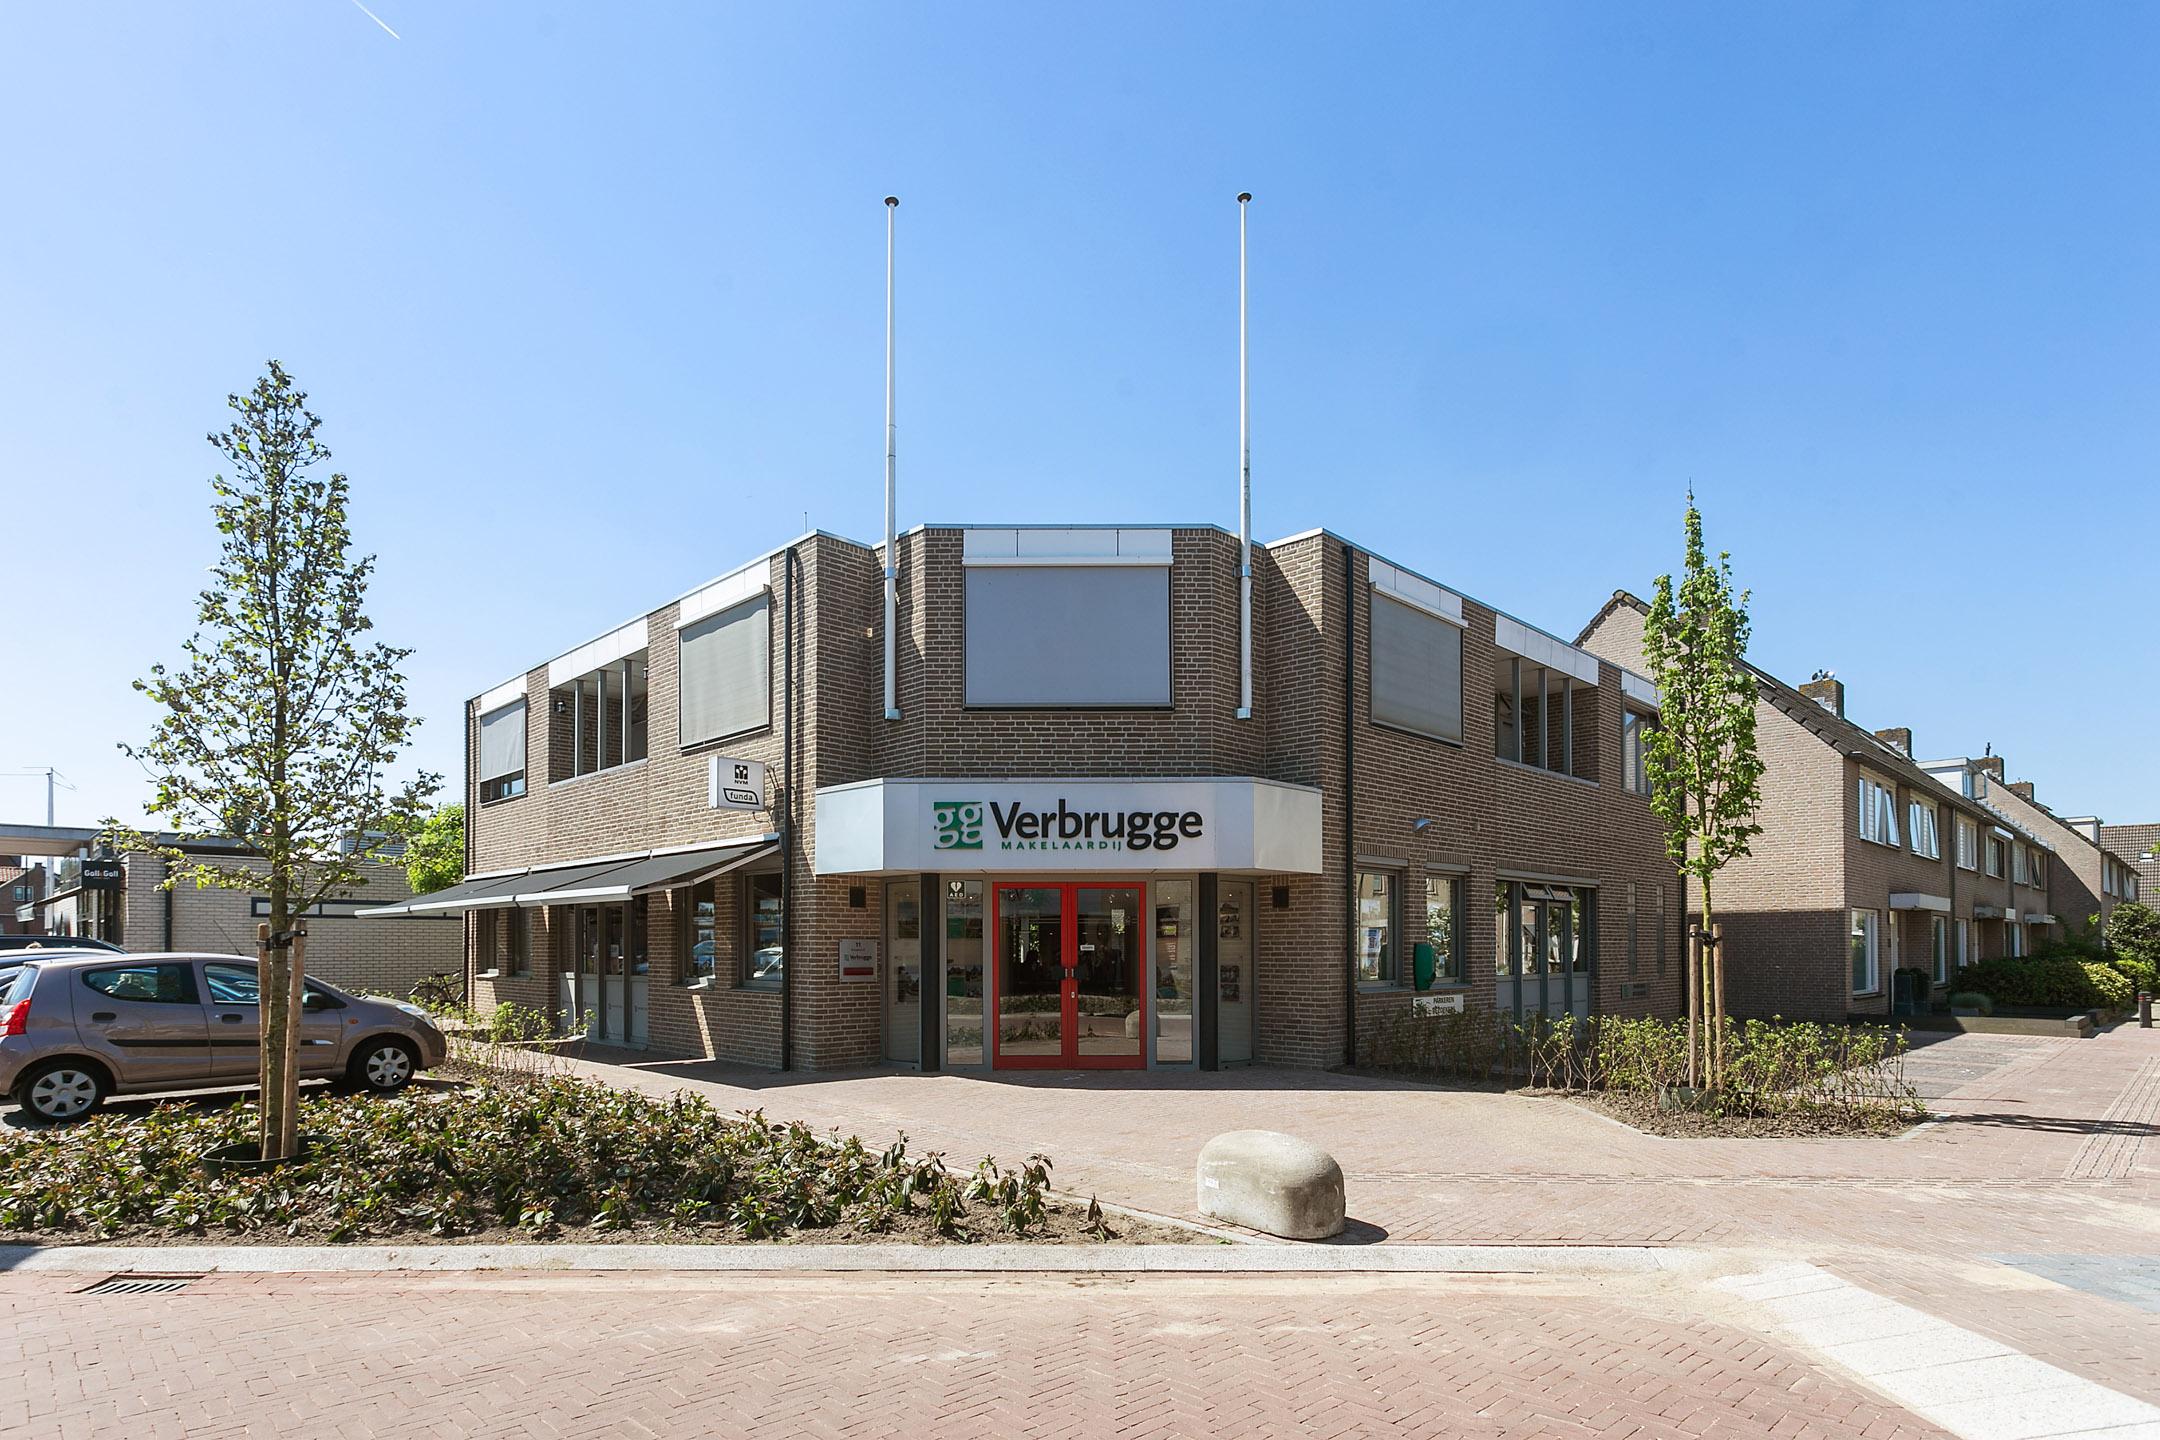 Kantoor Vestiging Verbrugge Raamsdonksveer